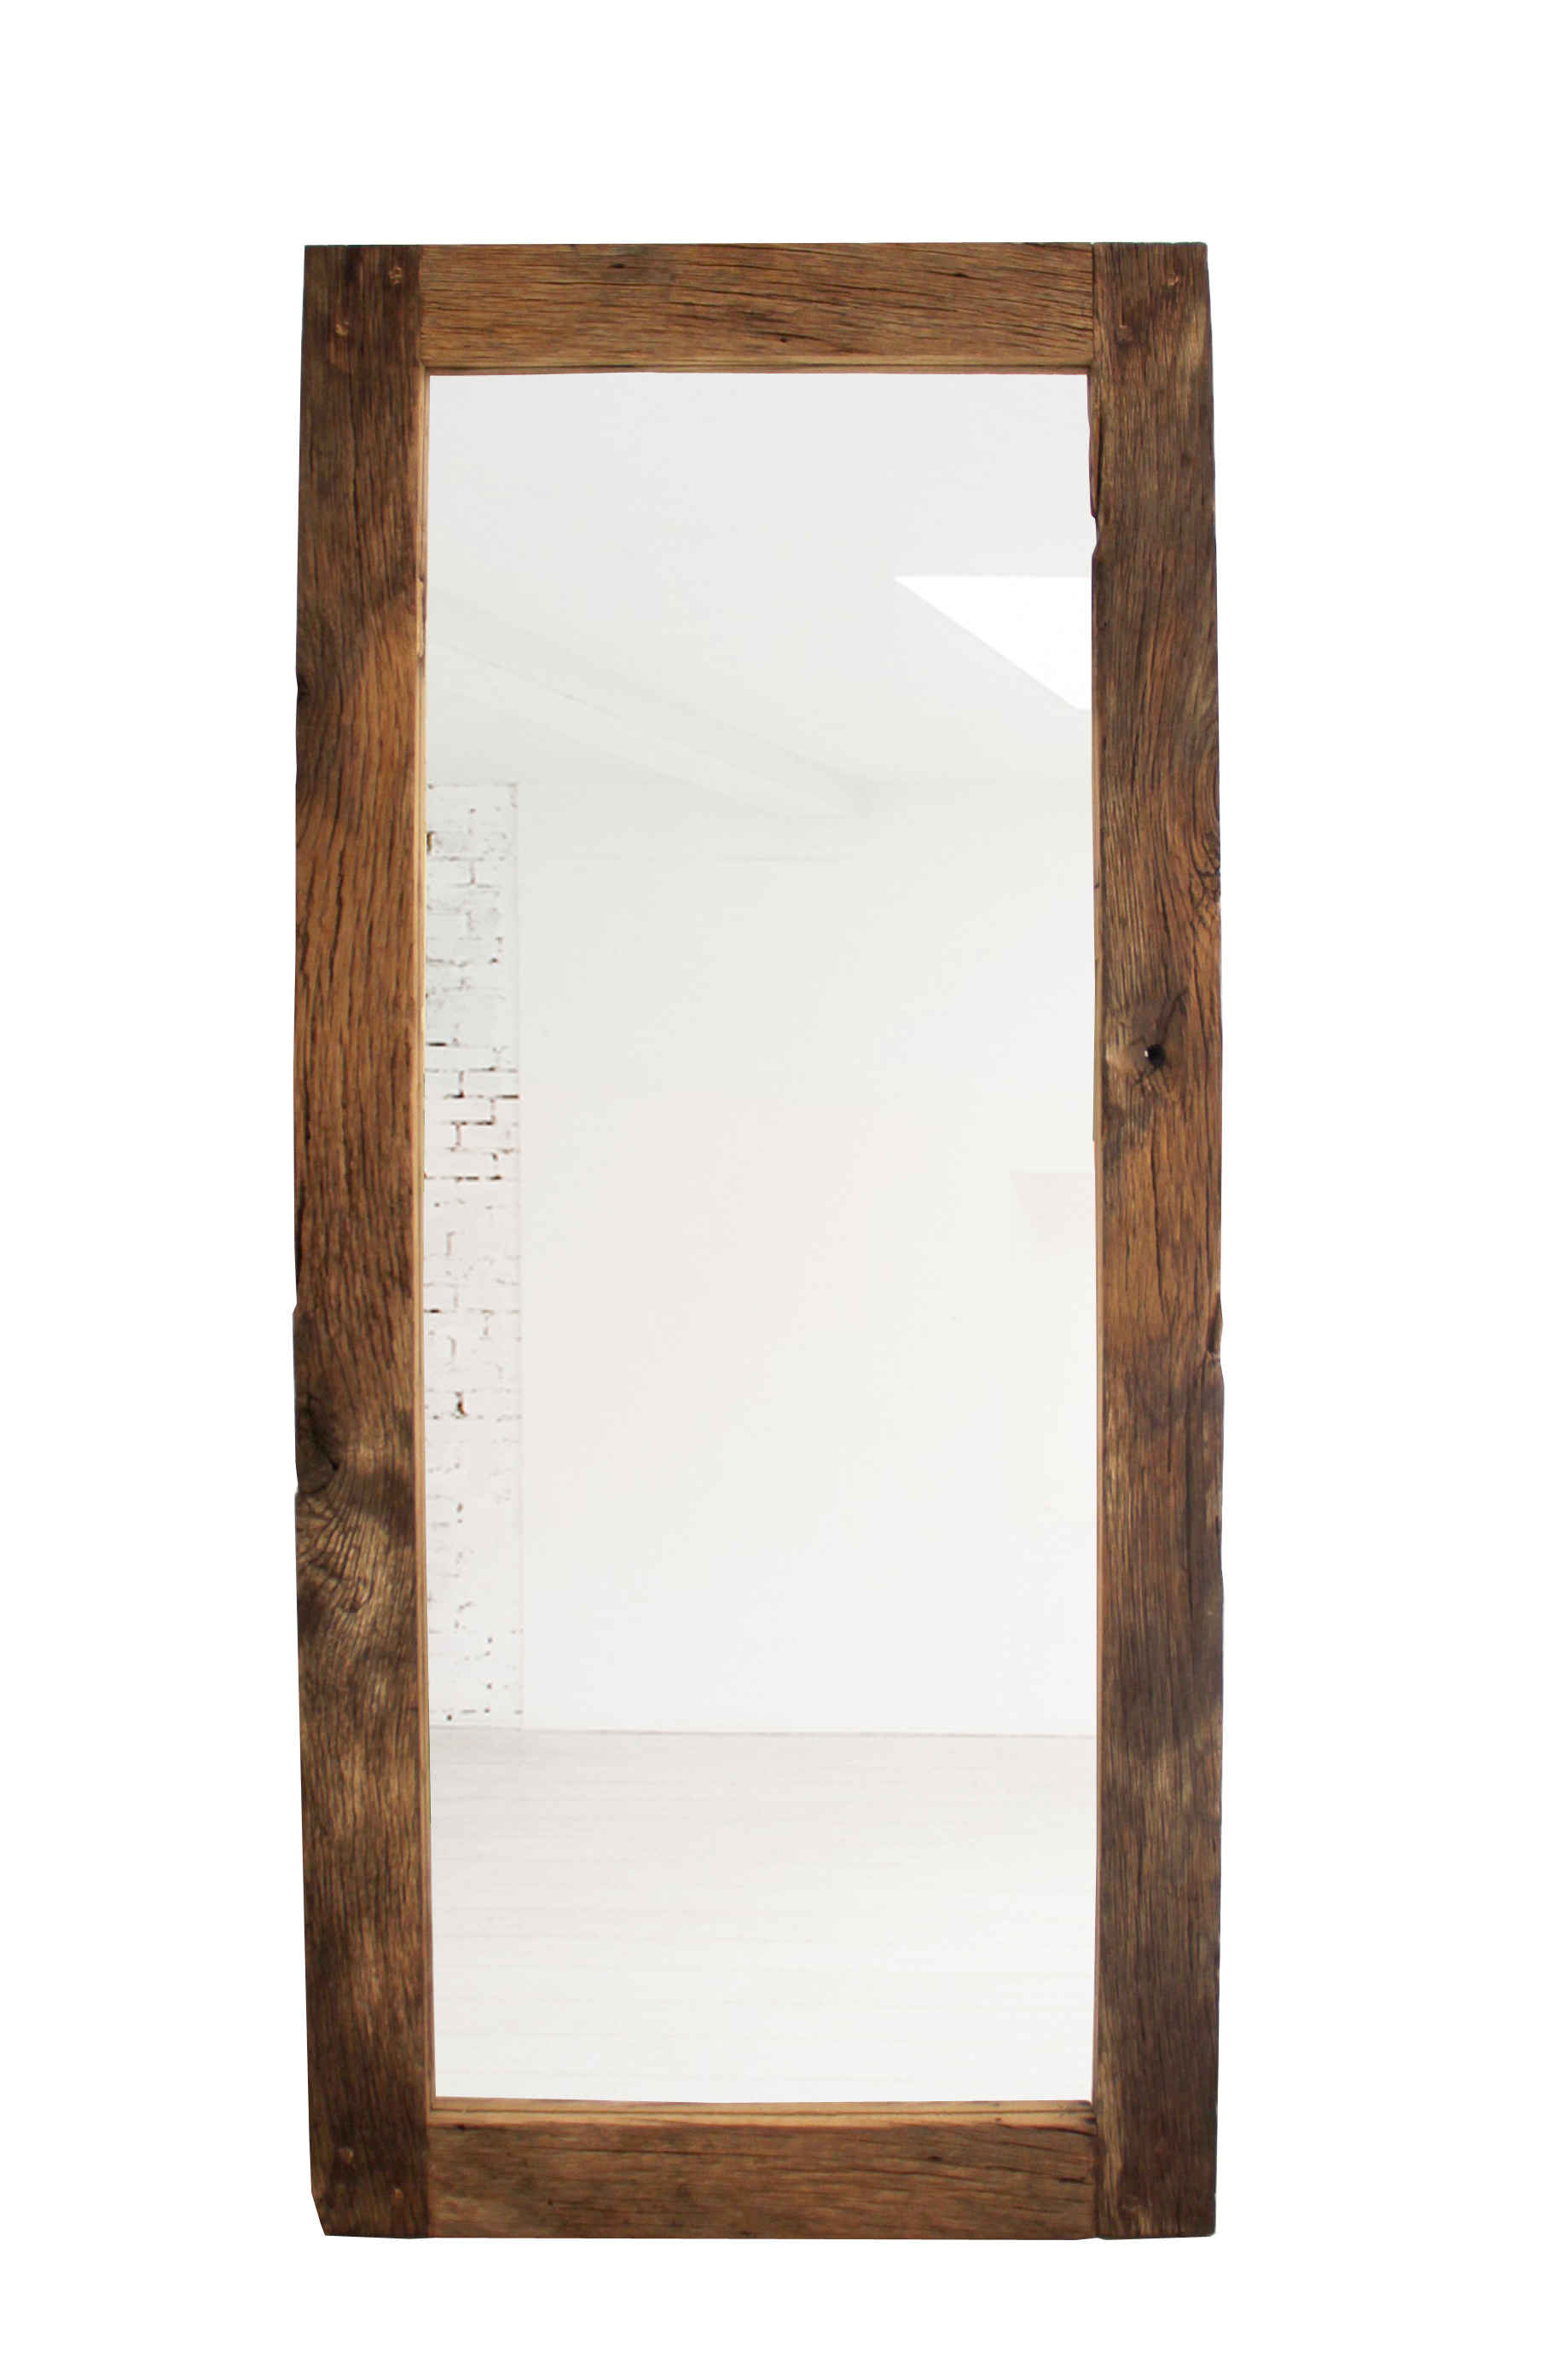 Barka-mirror-emnastudio